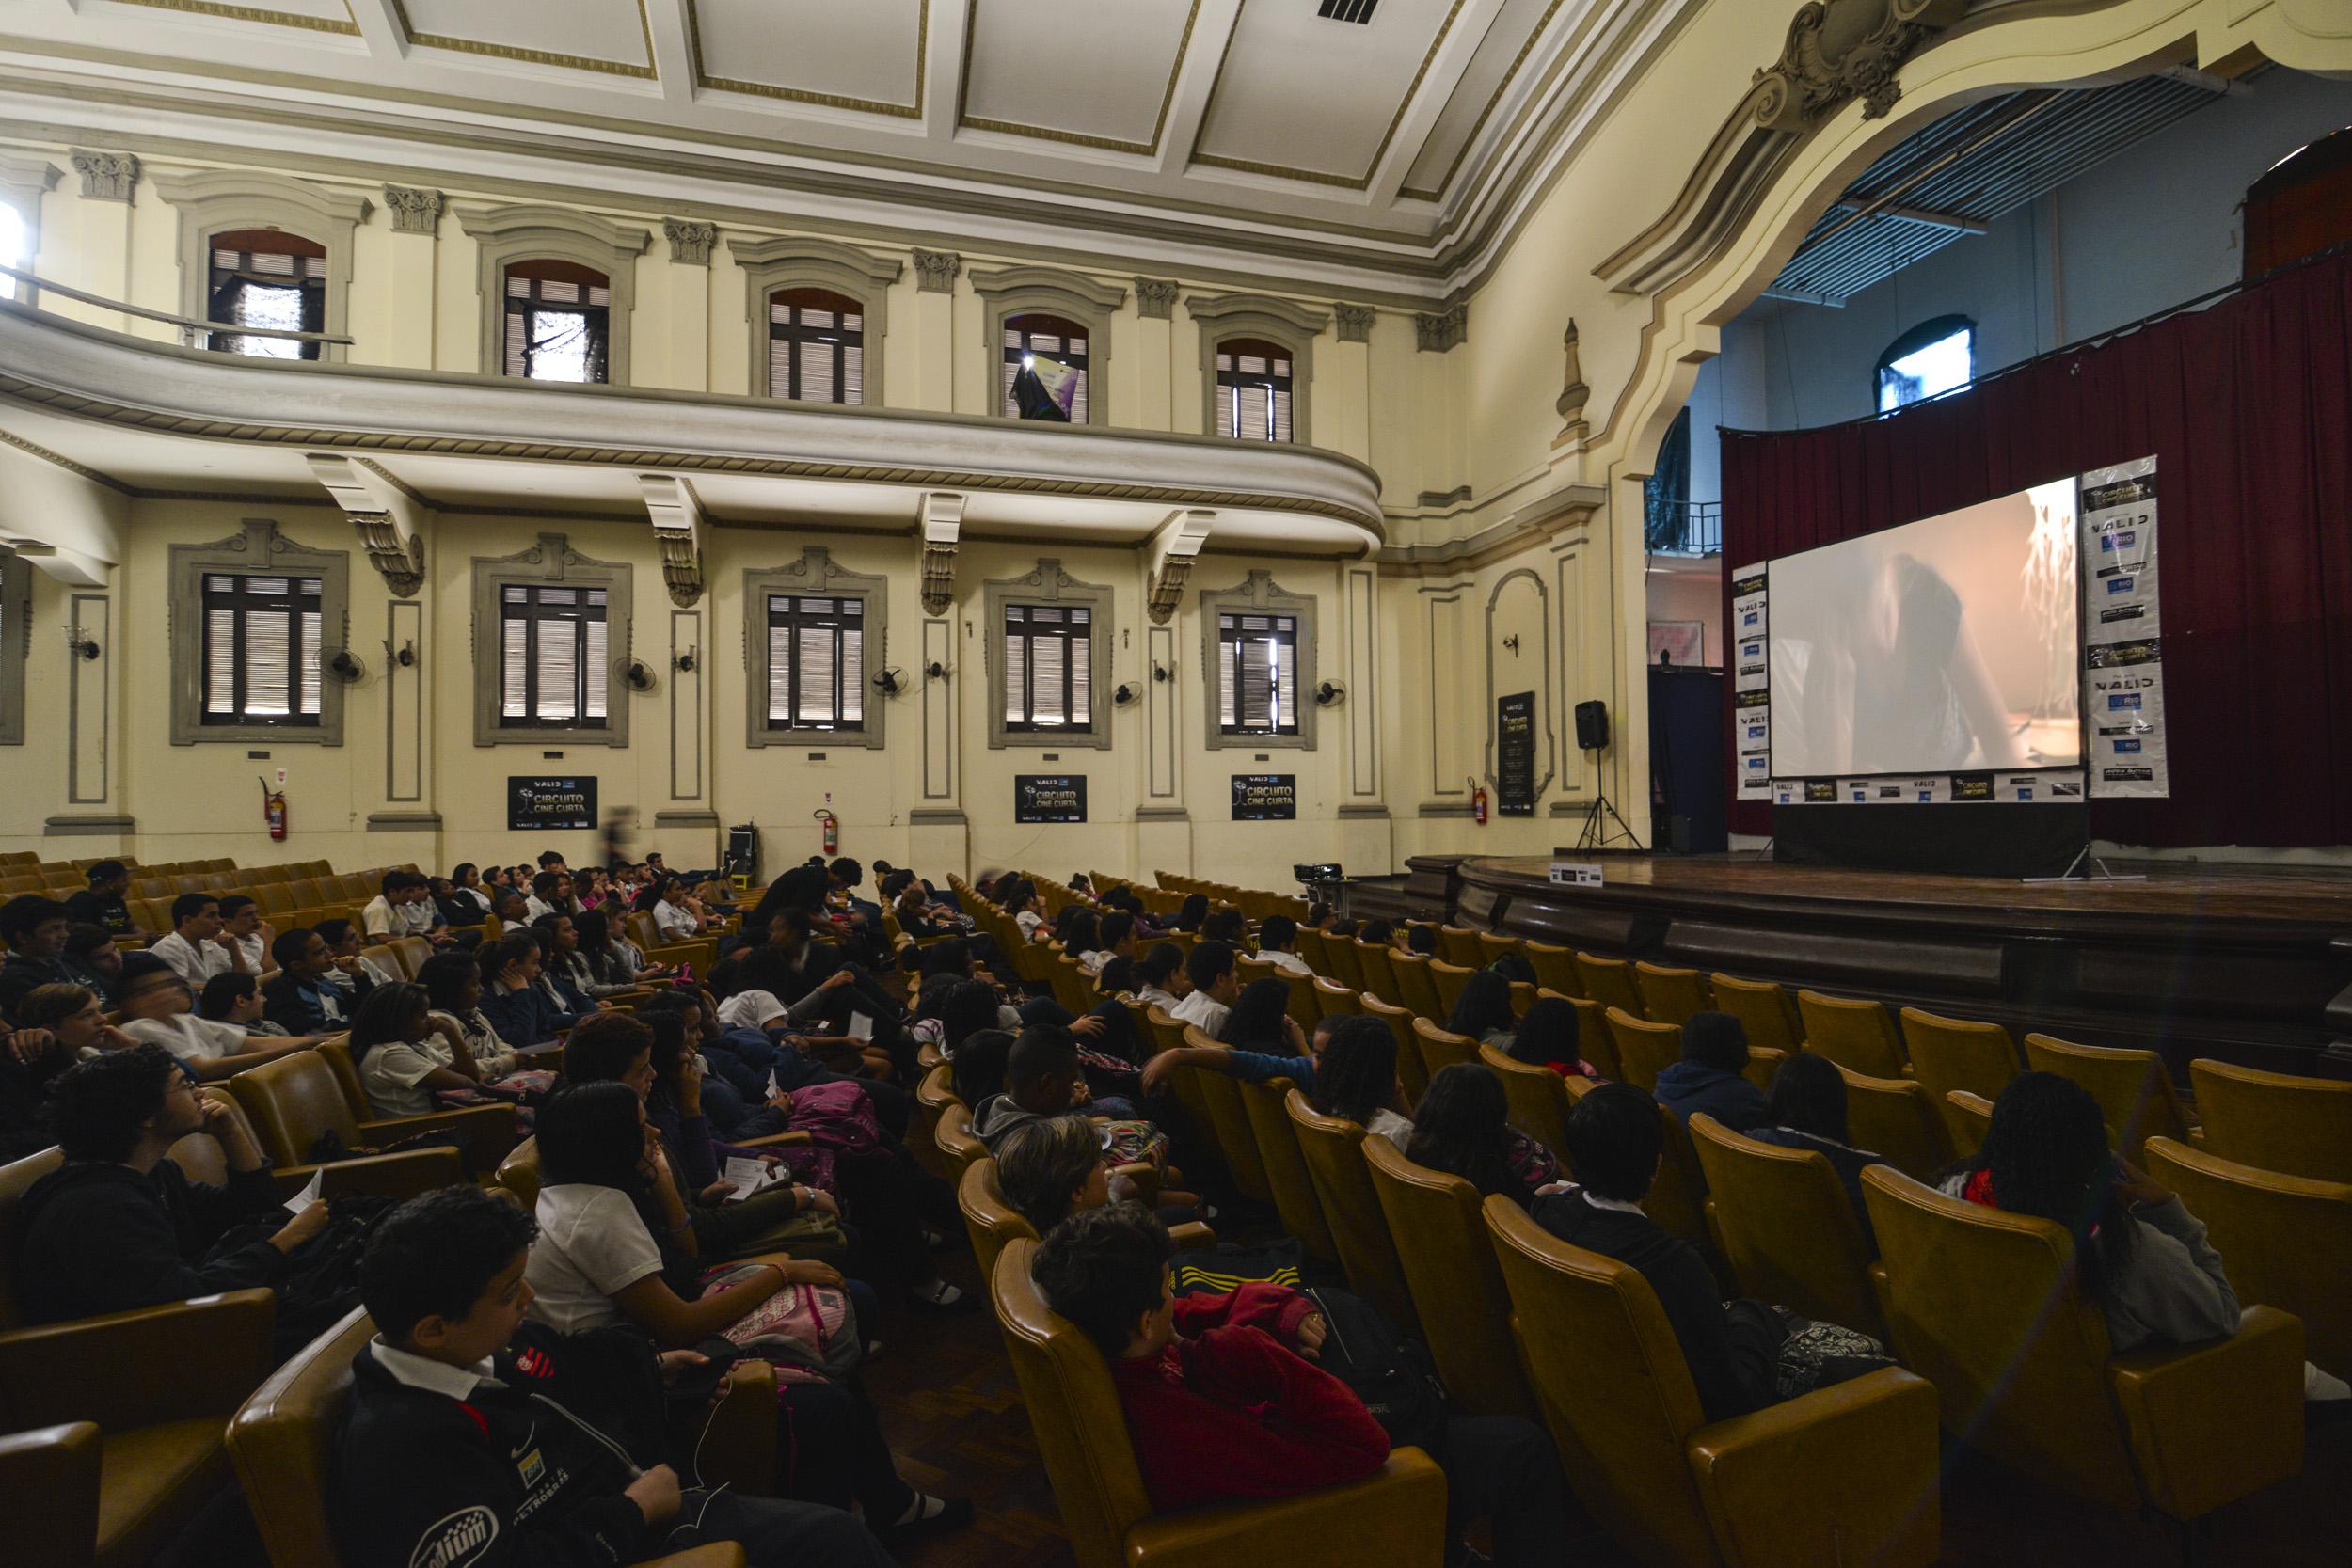 Circuito Cinema Sp : Circuito cine curta nova bossa u produções culturais